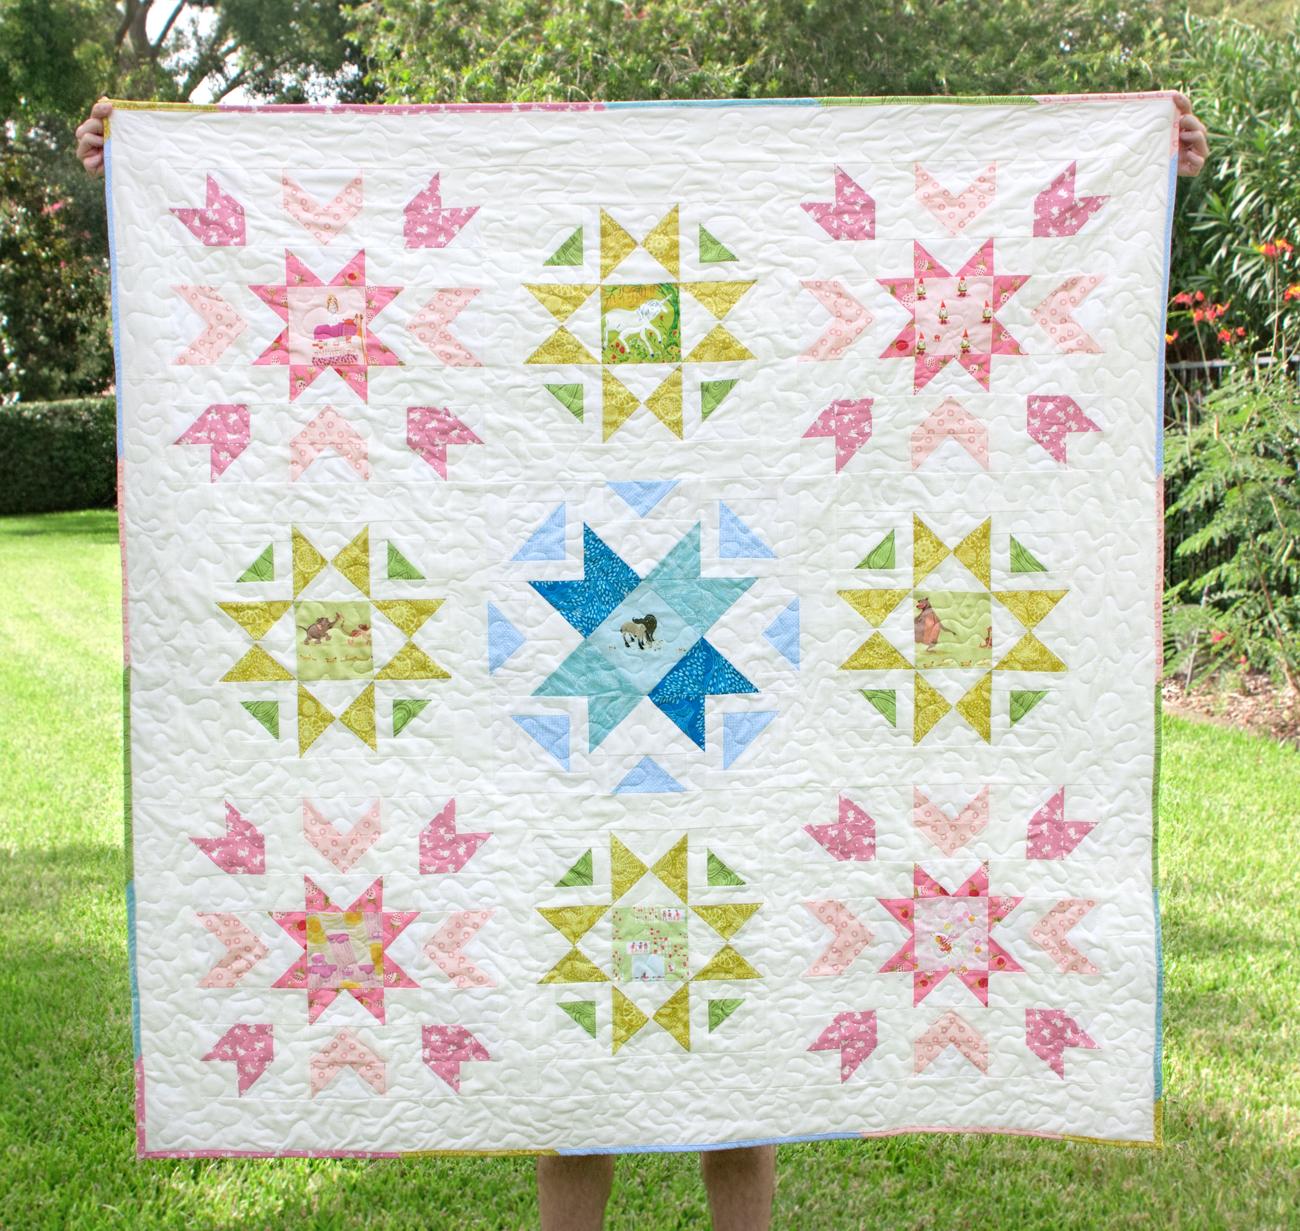 starfield quilt pattern